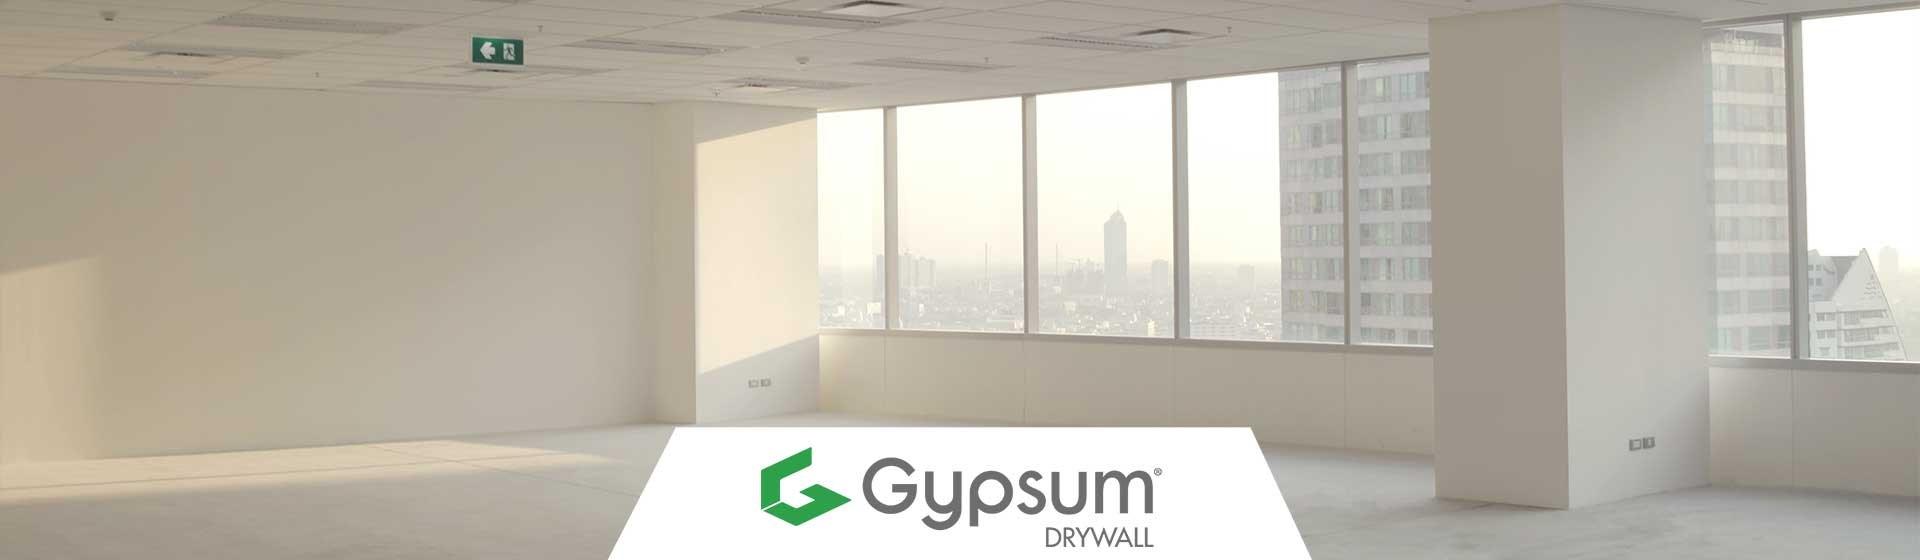 Banner Gypsum Drywall